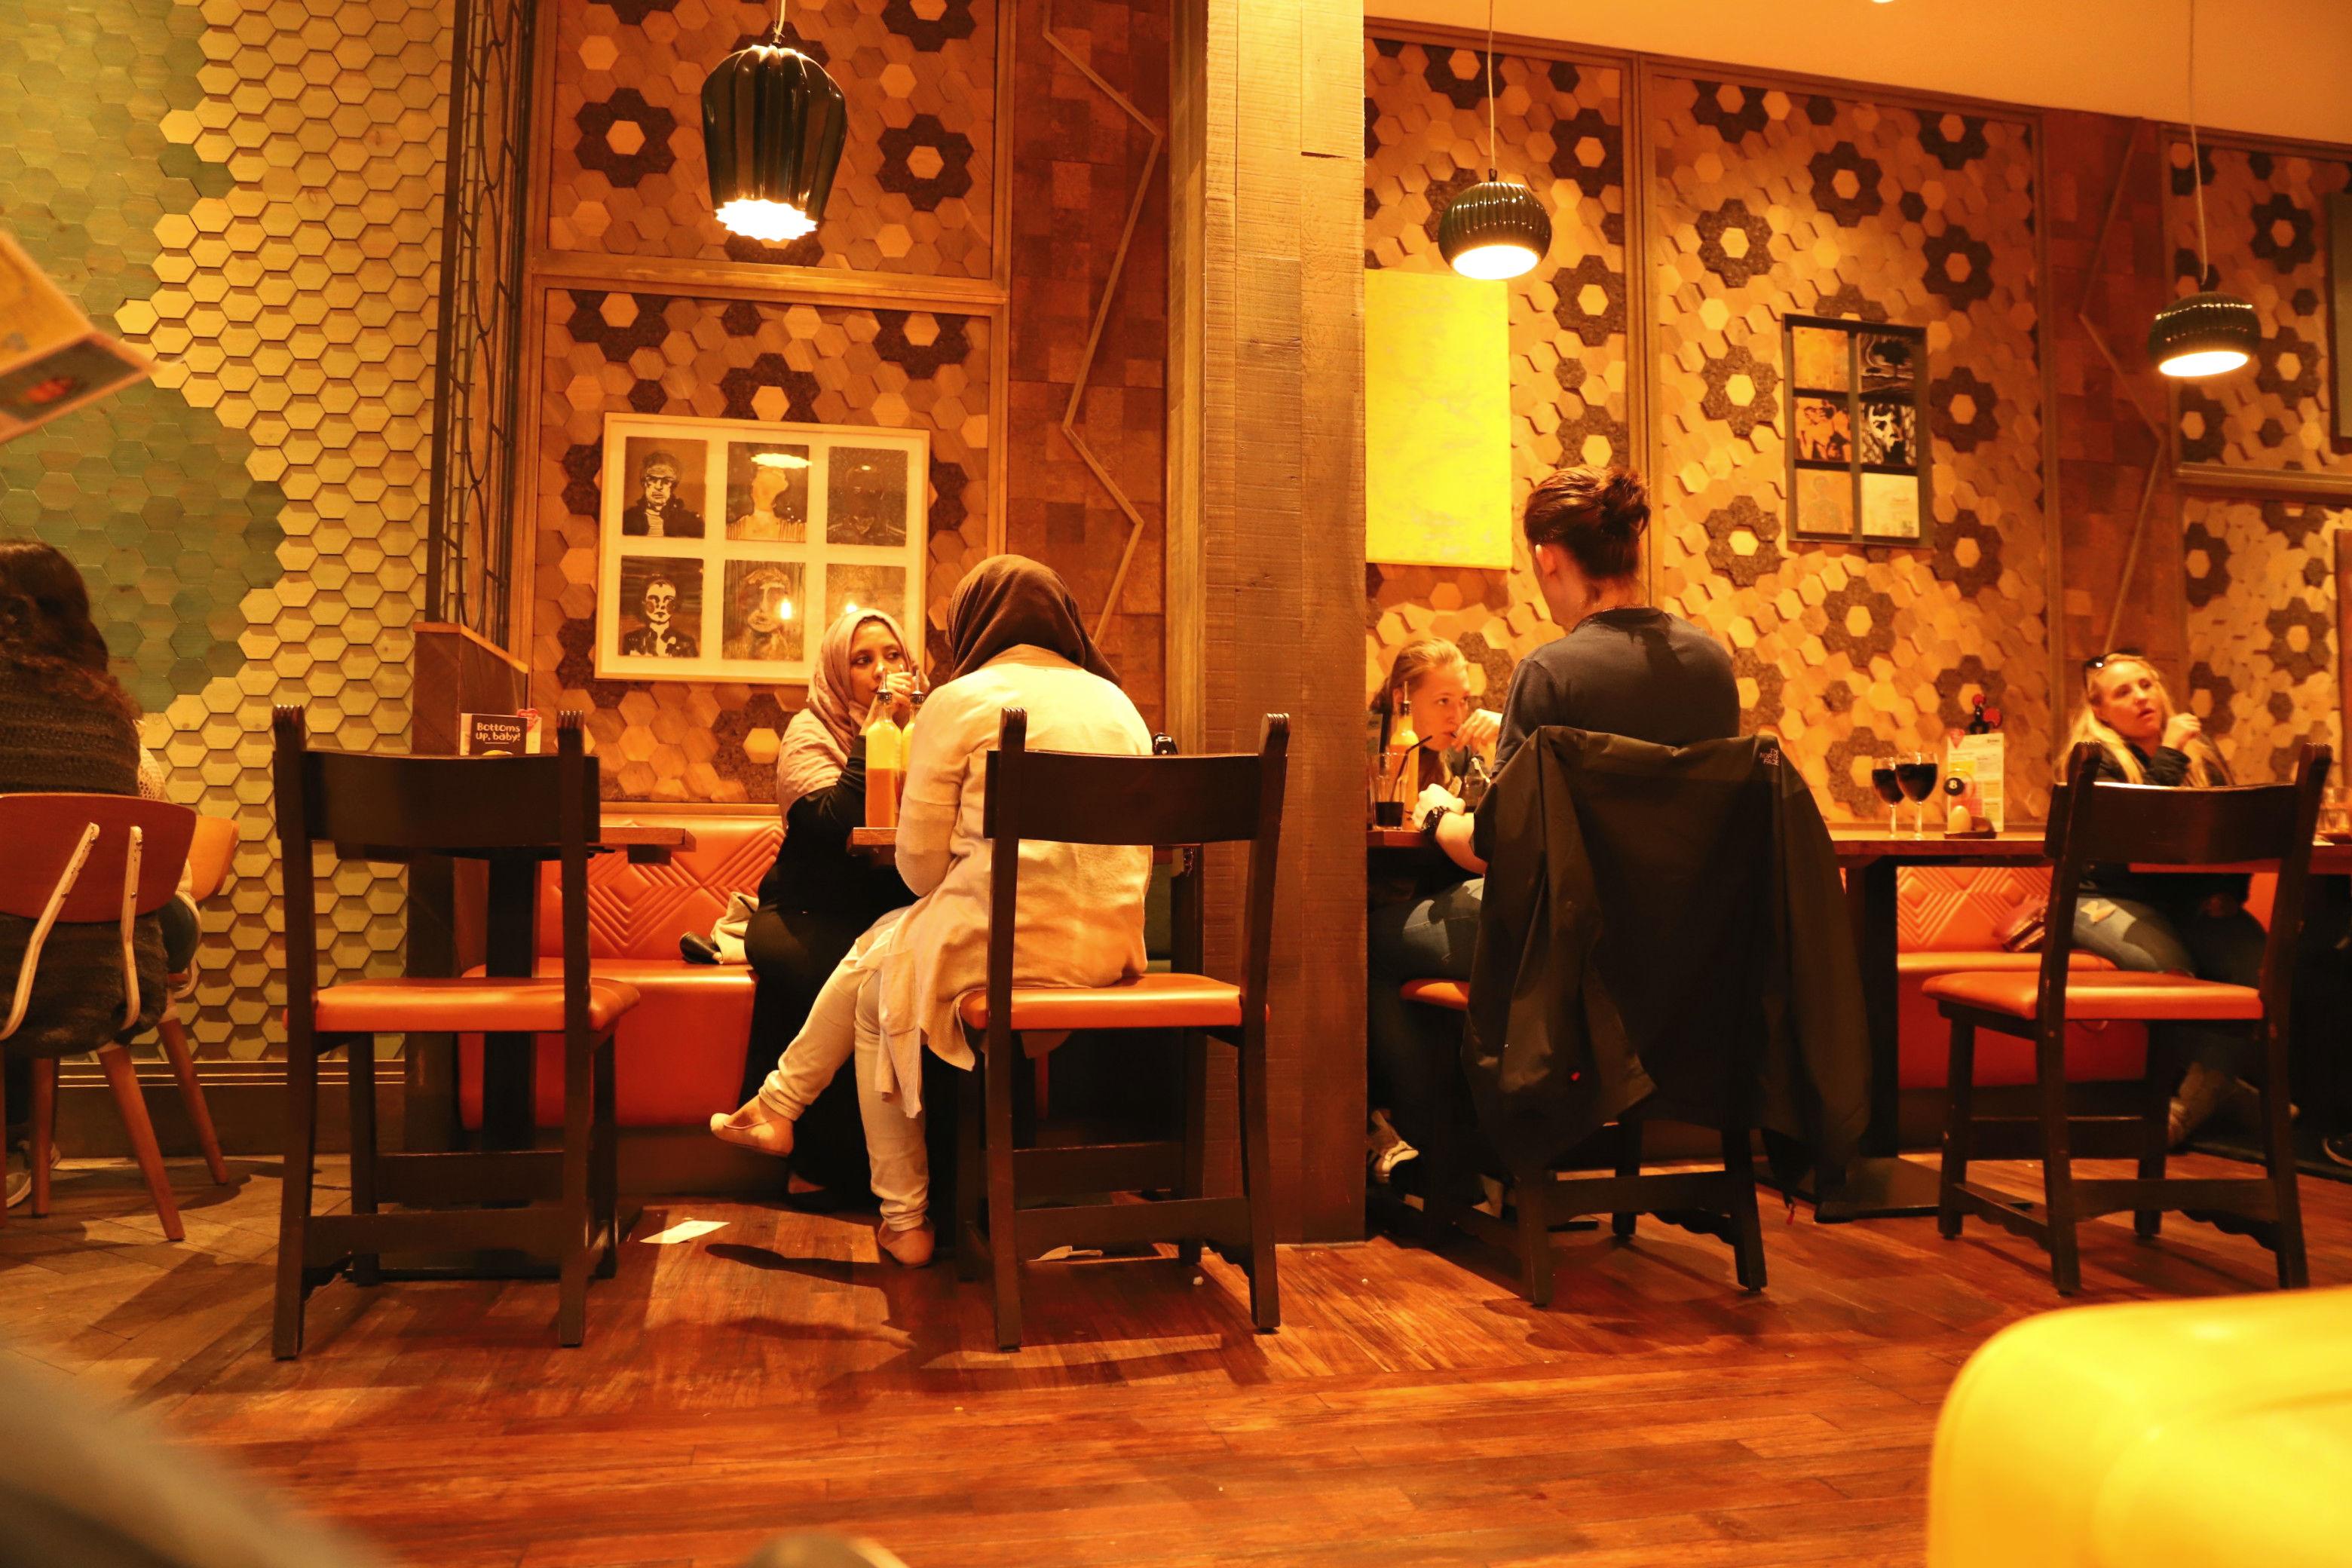 The Nando's in London